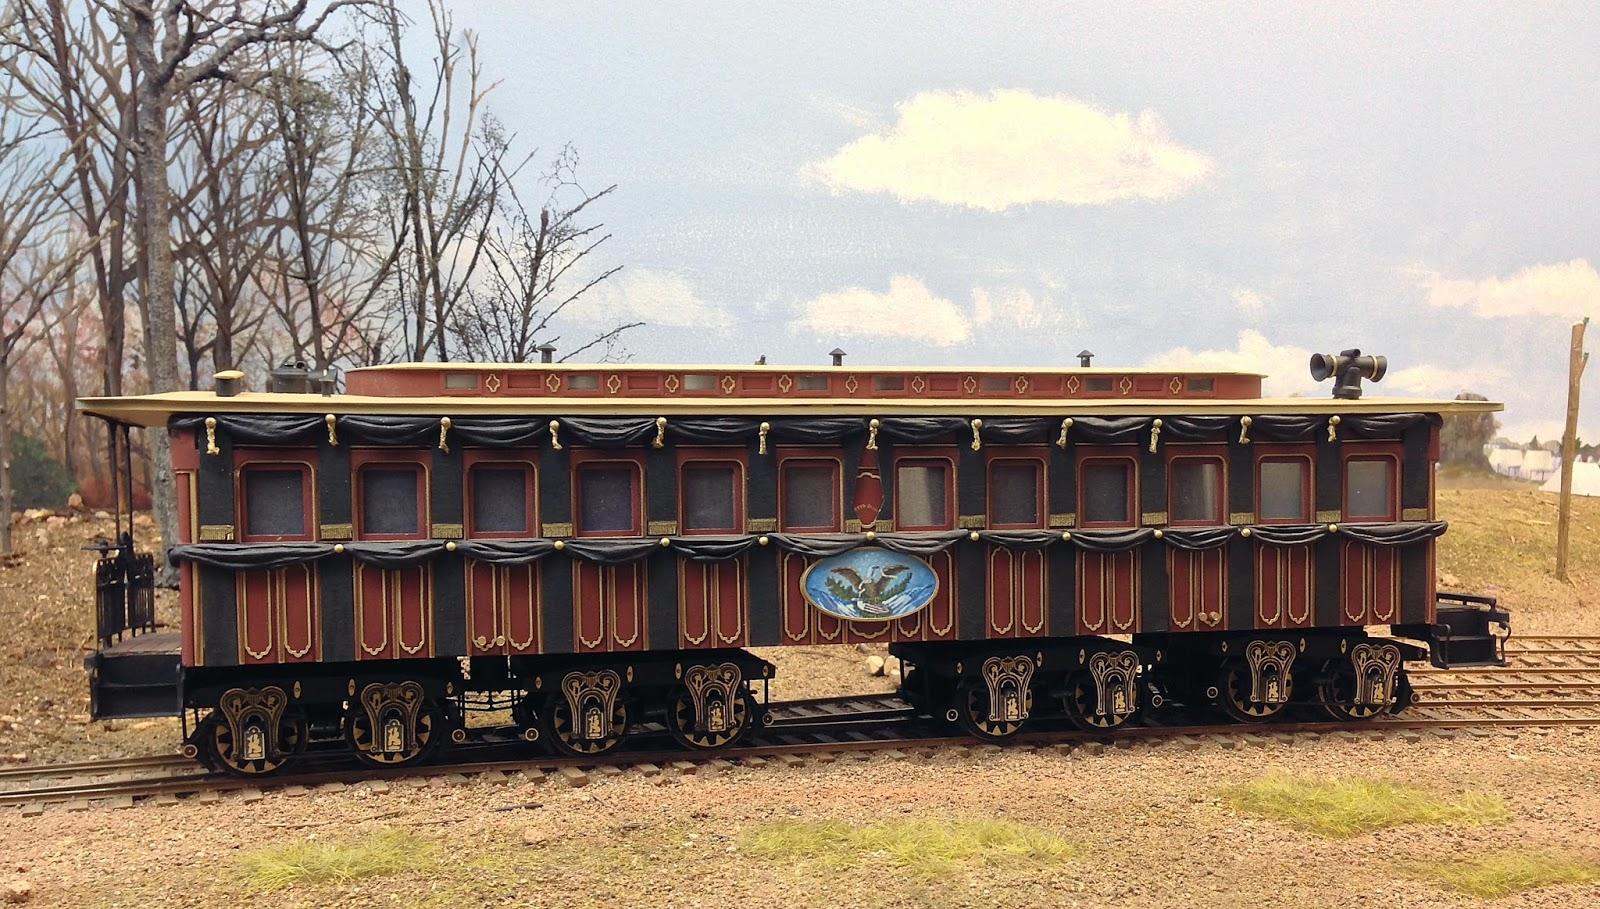 Usmrr Aquia Line And Other Model Railroad Adventures Gauge 1